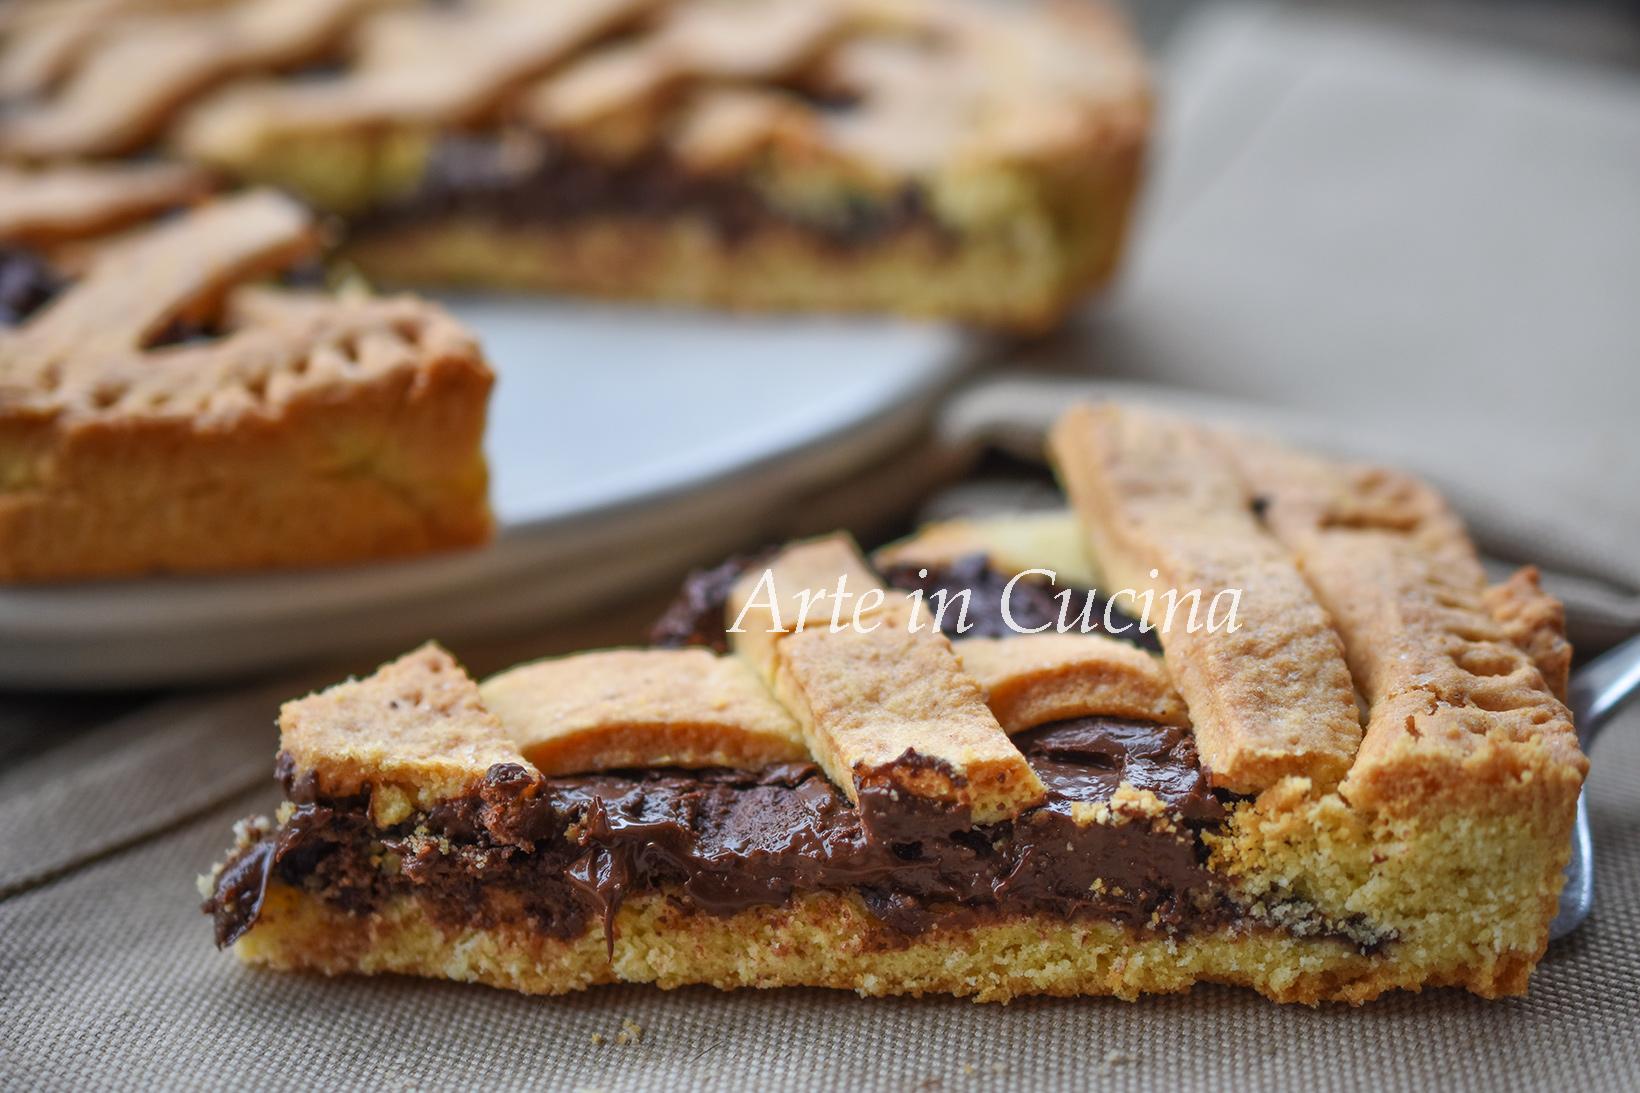 Crostata alla nutella morbida con bimby o senza vickyart arte in cucina